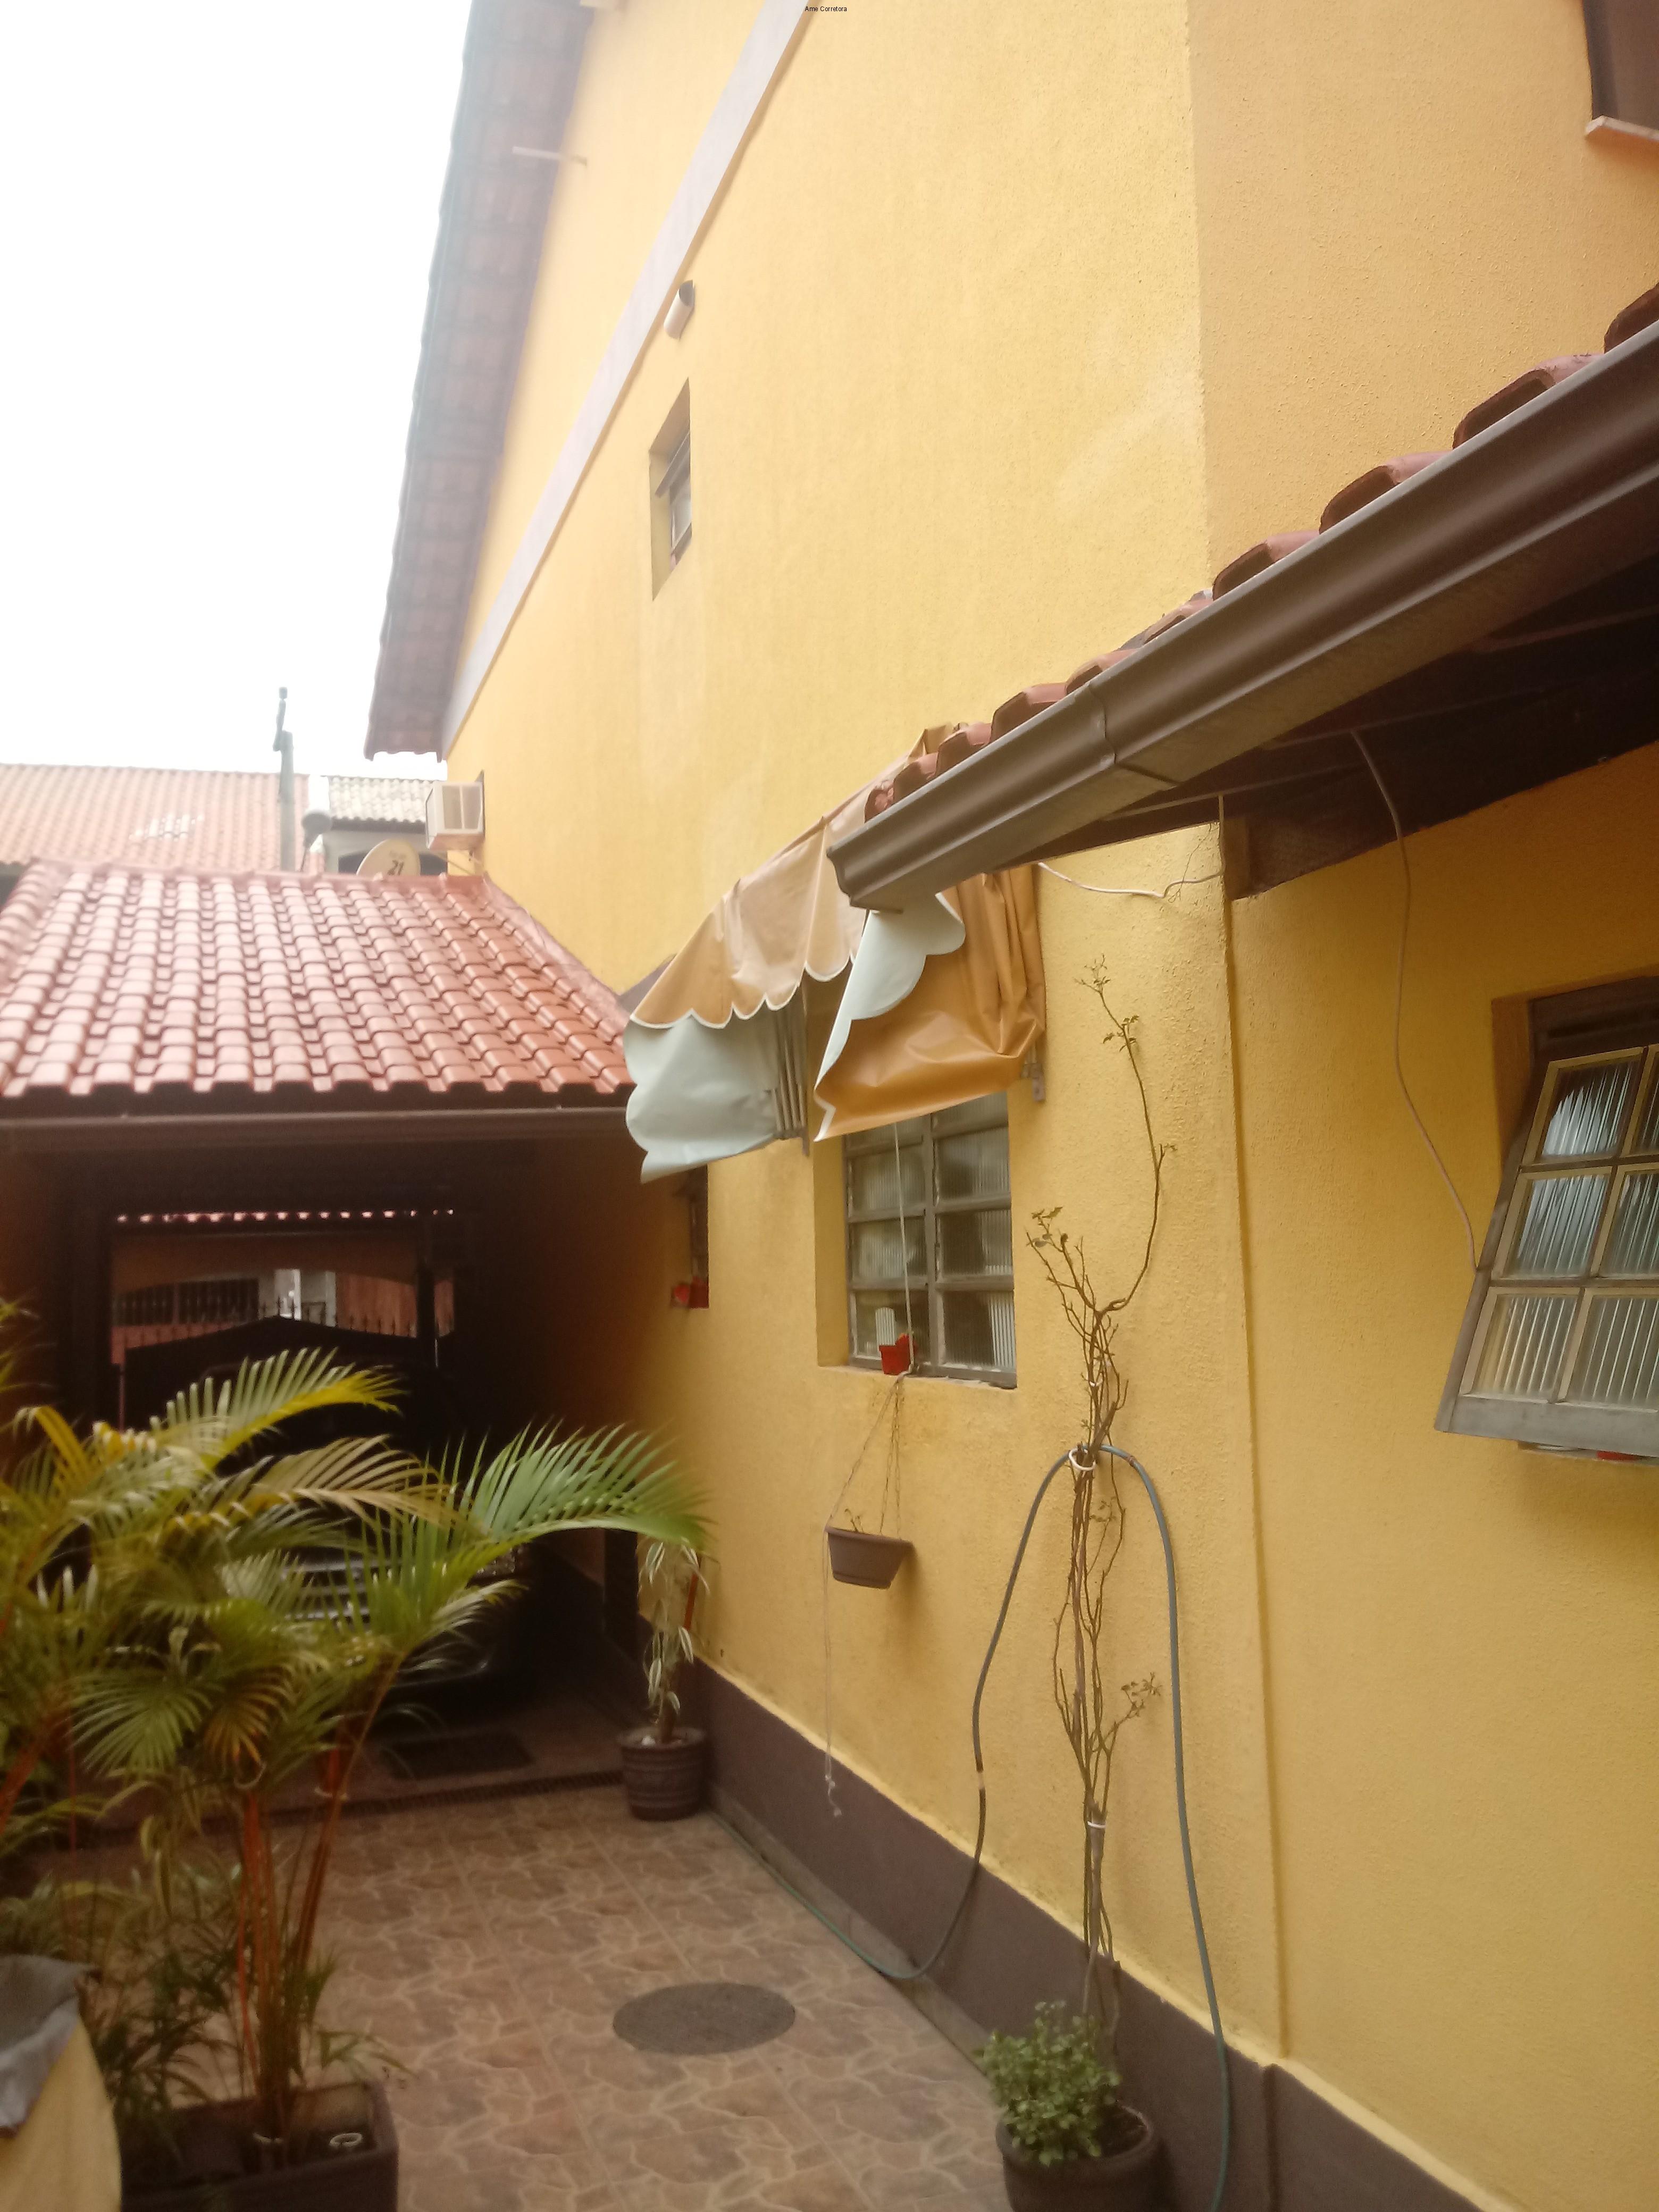 FOTO 03 - Casa 2 quartos à venda Campo Grande, Rio de Janeiro - R$ 298.000 - CA00662 - 4